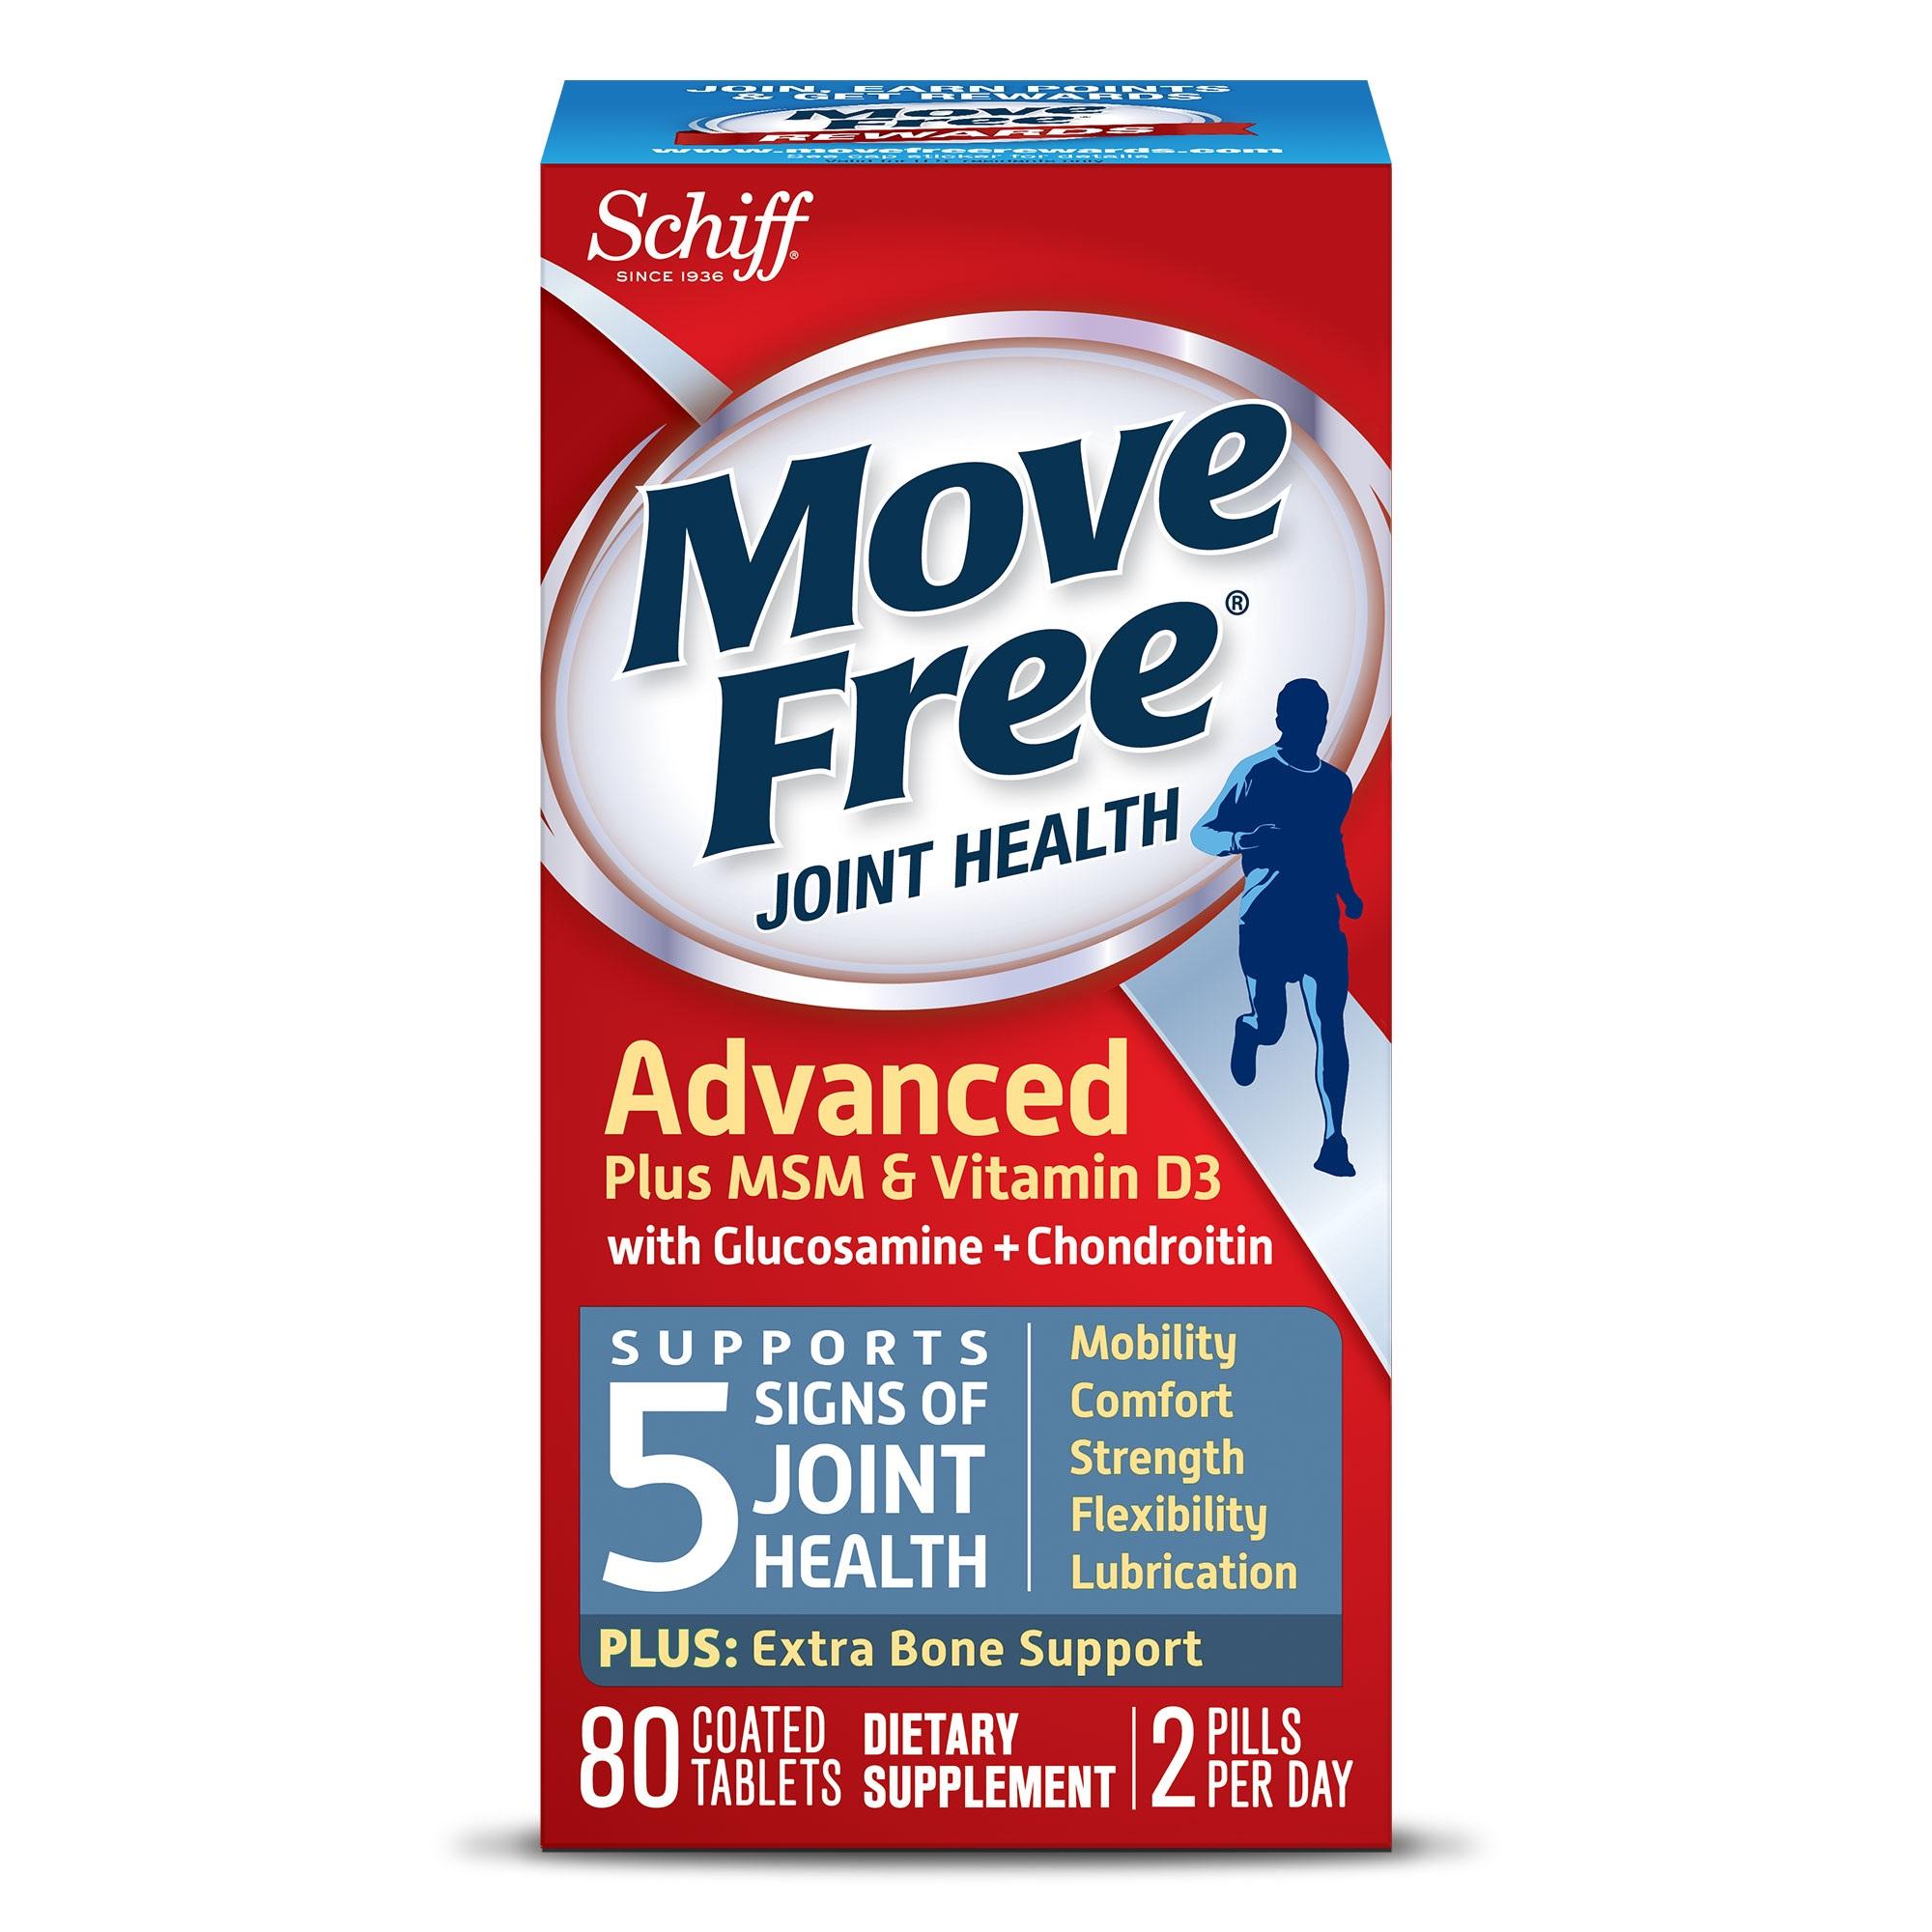 Schiff Move Free 葡萄糖胺维骨力+维他命D3 蓝盒/蓝瓶 80粒*2瓶